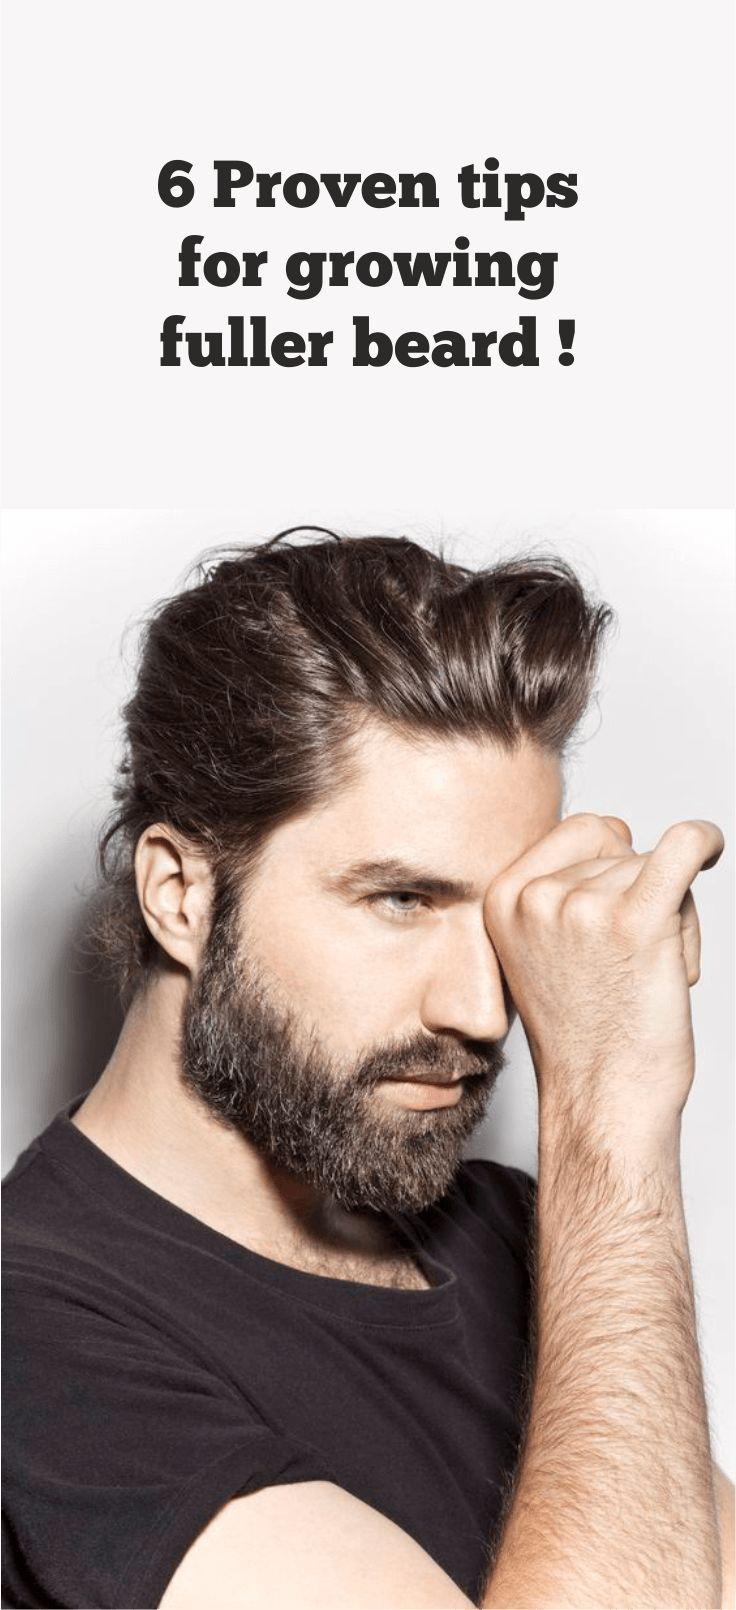 6-proven-tips-for-fuller-beard